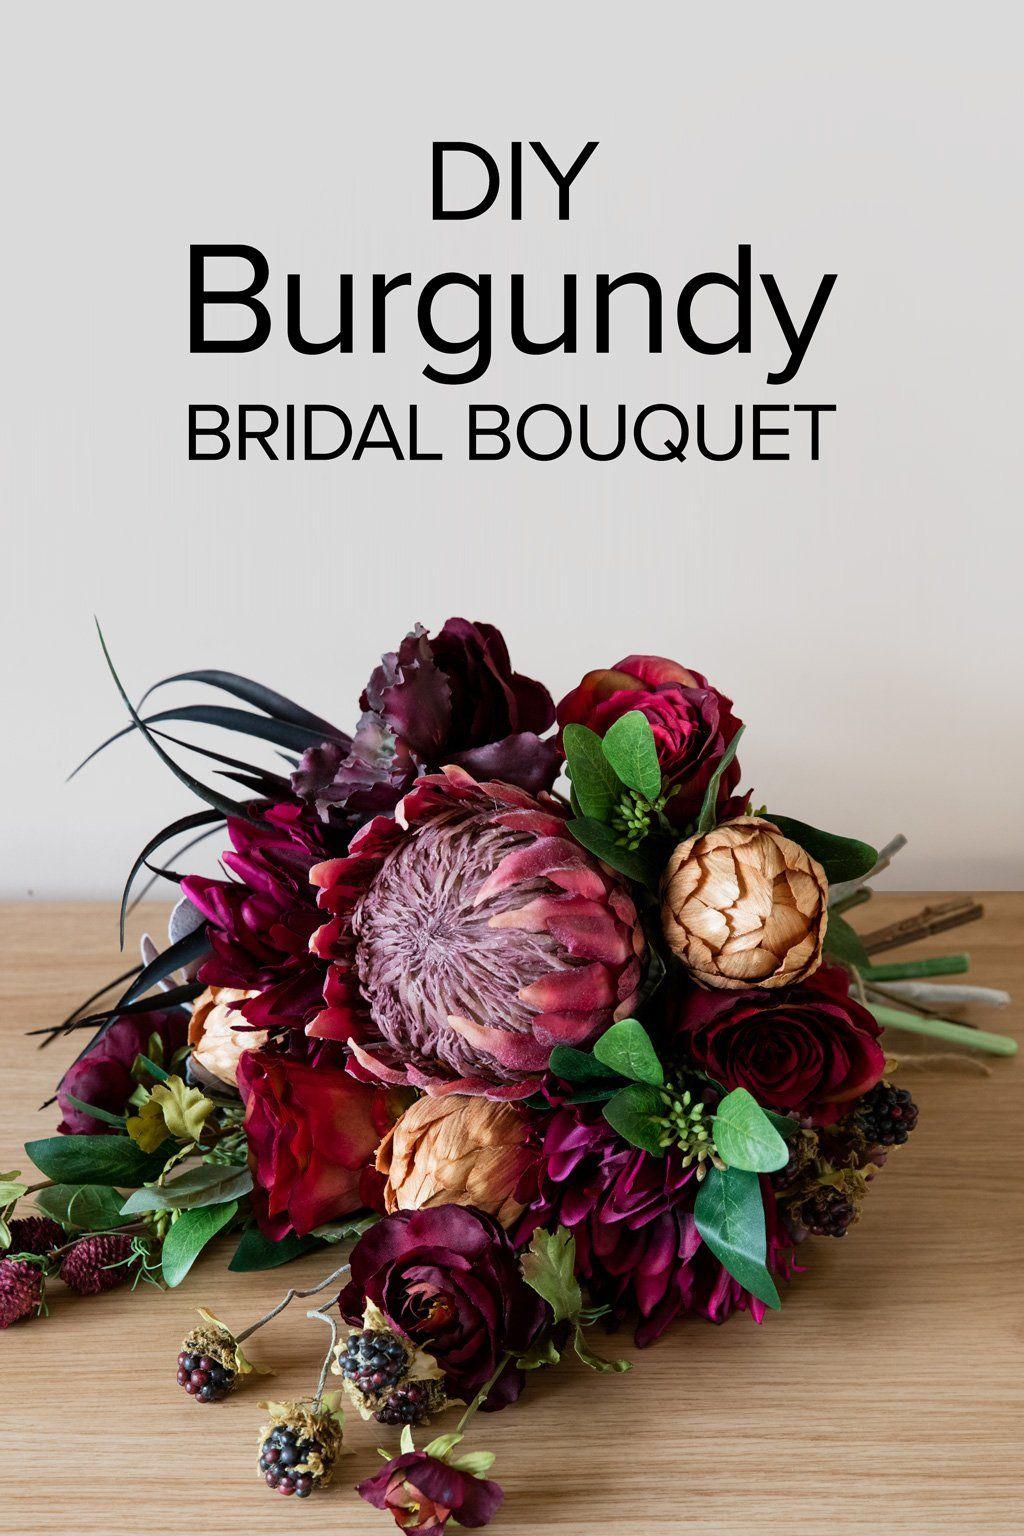 Burgundy Bridal Bouquet Diy wedding bouquet, Burgundy